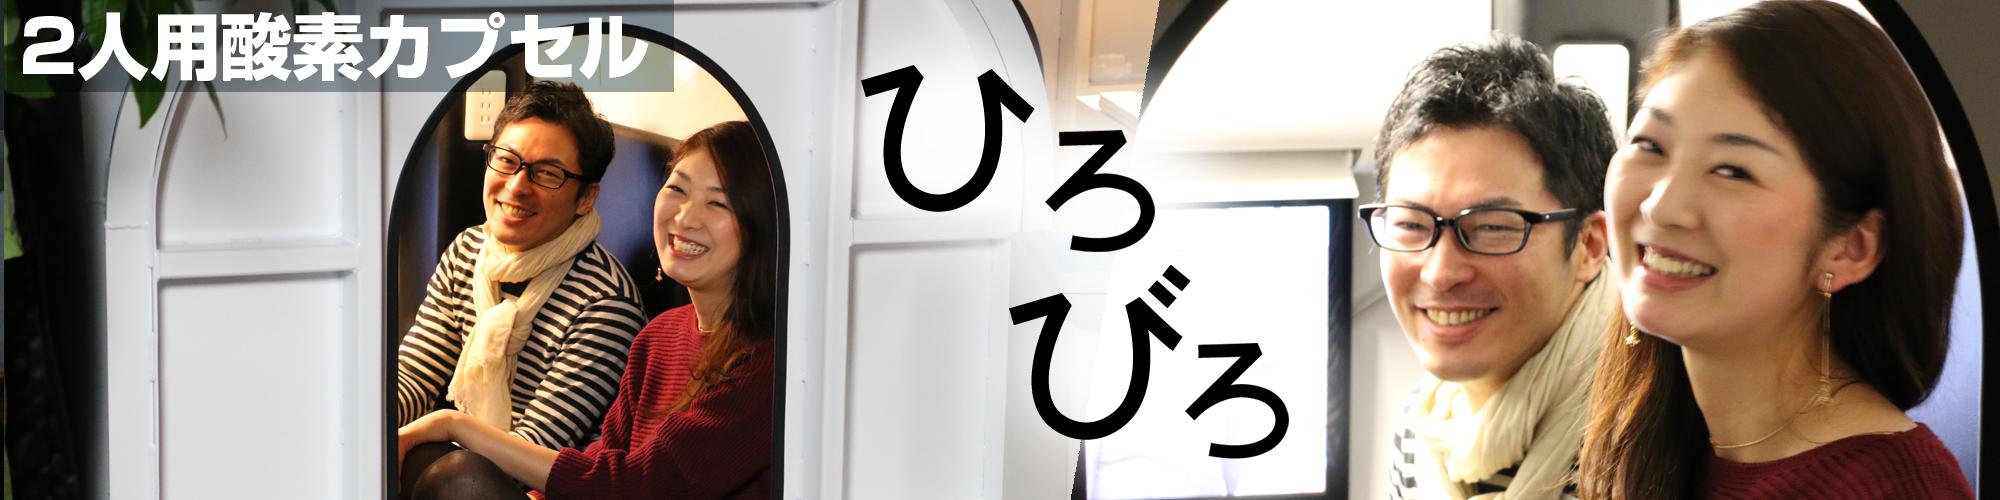 2人用酸素カプセルのリラコラO2新宿店